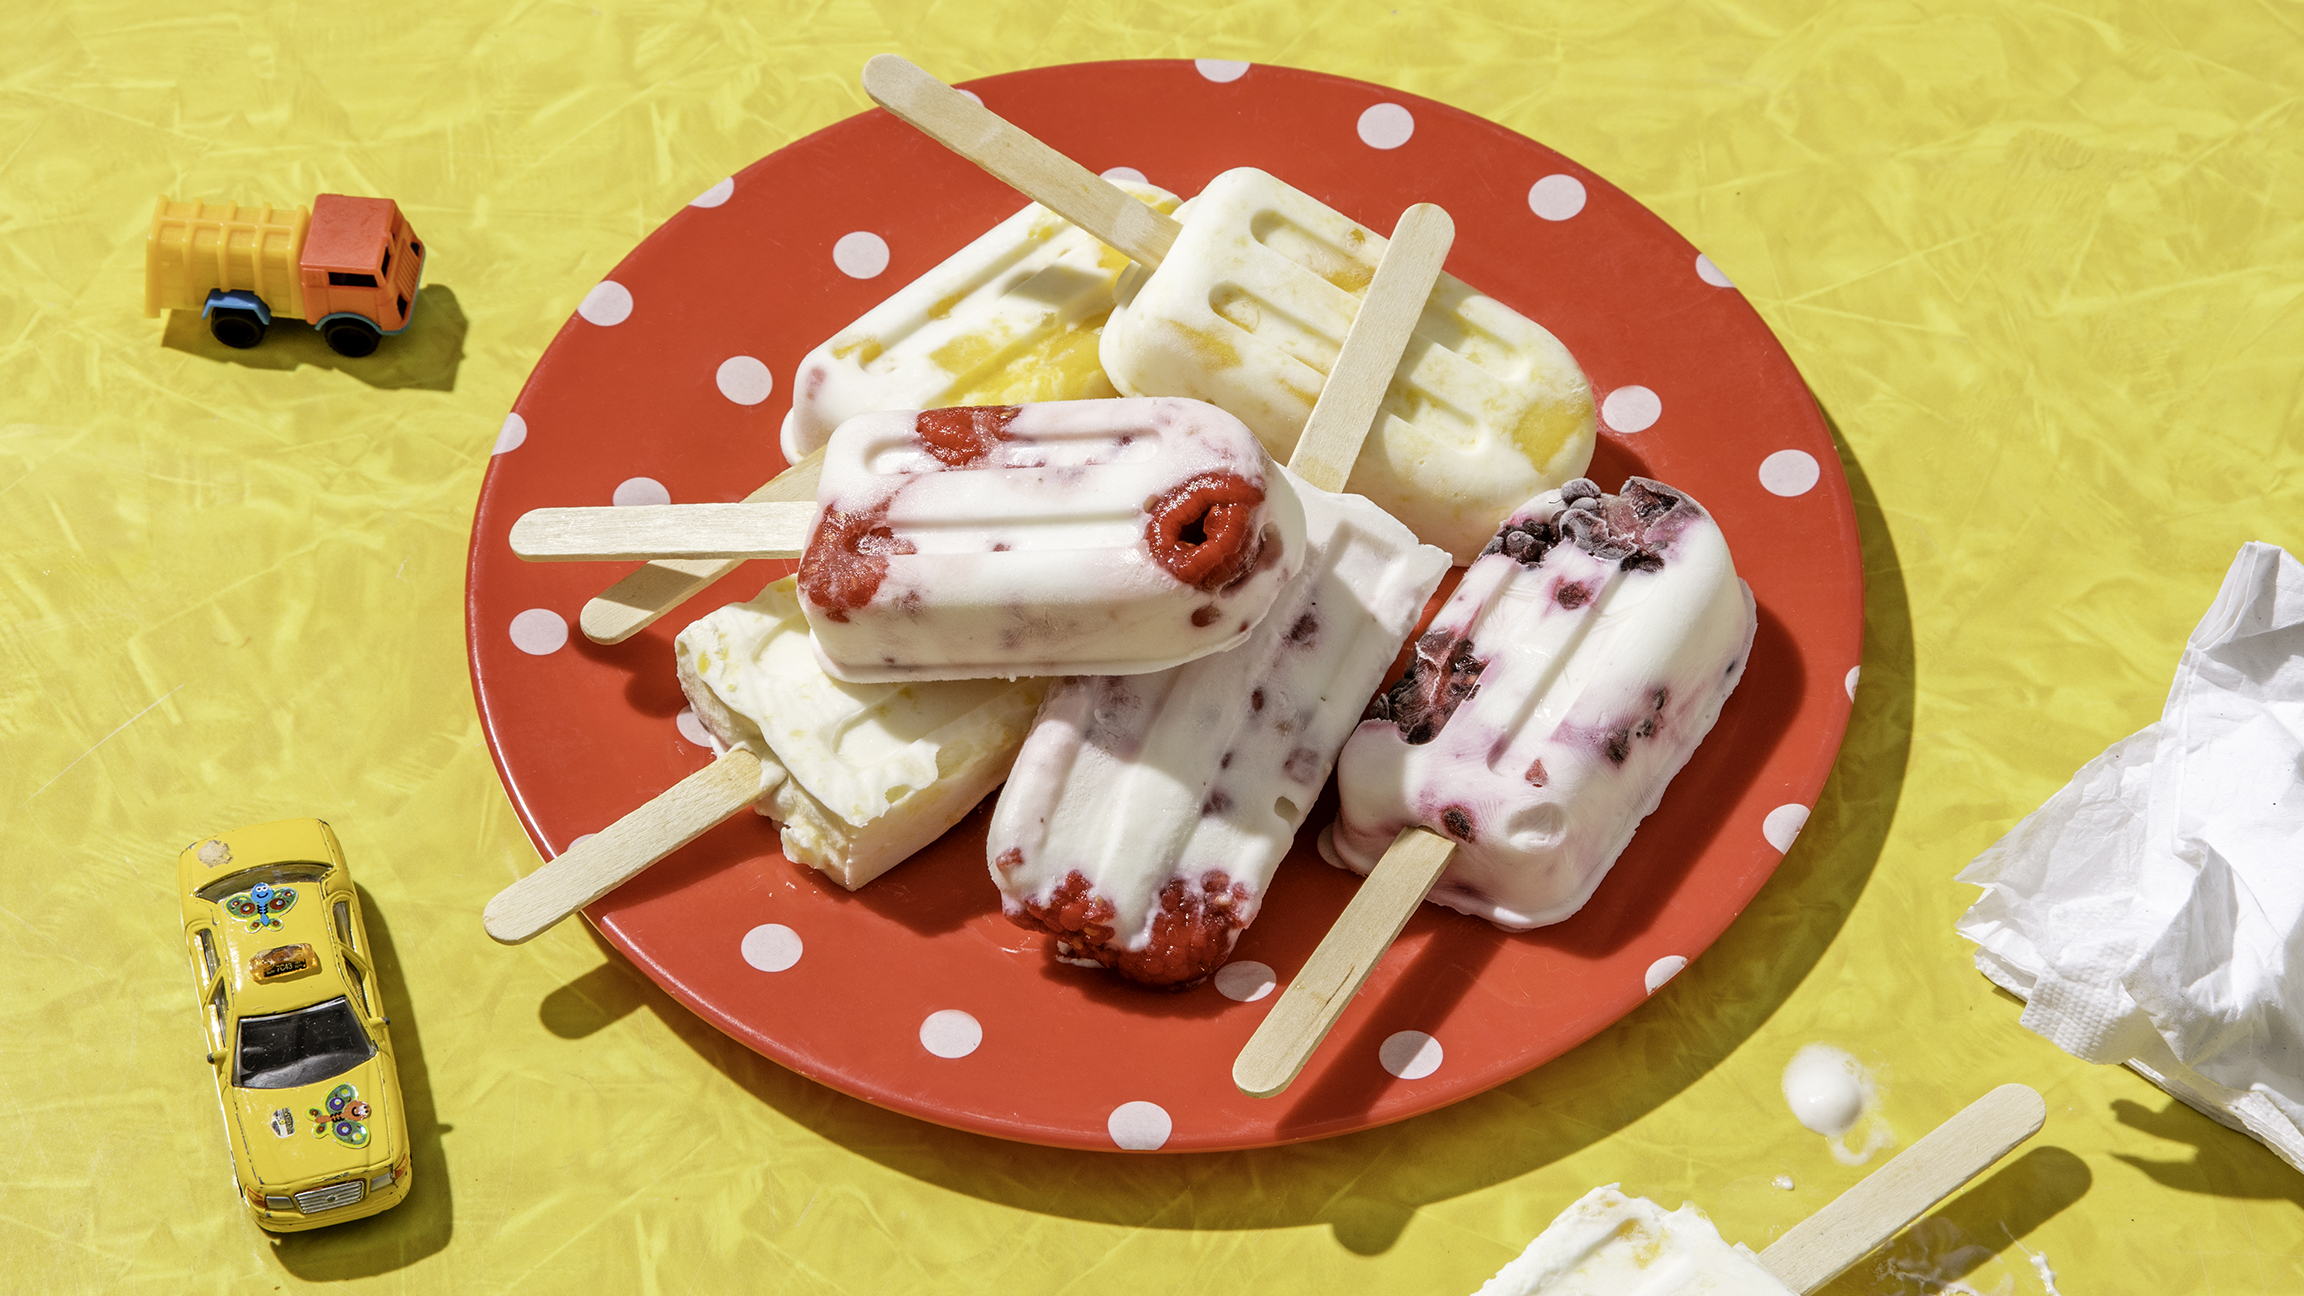 Chobani_Yogurt-087_S.jpg